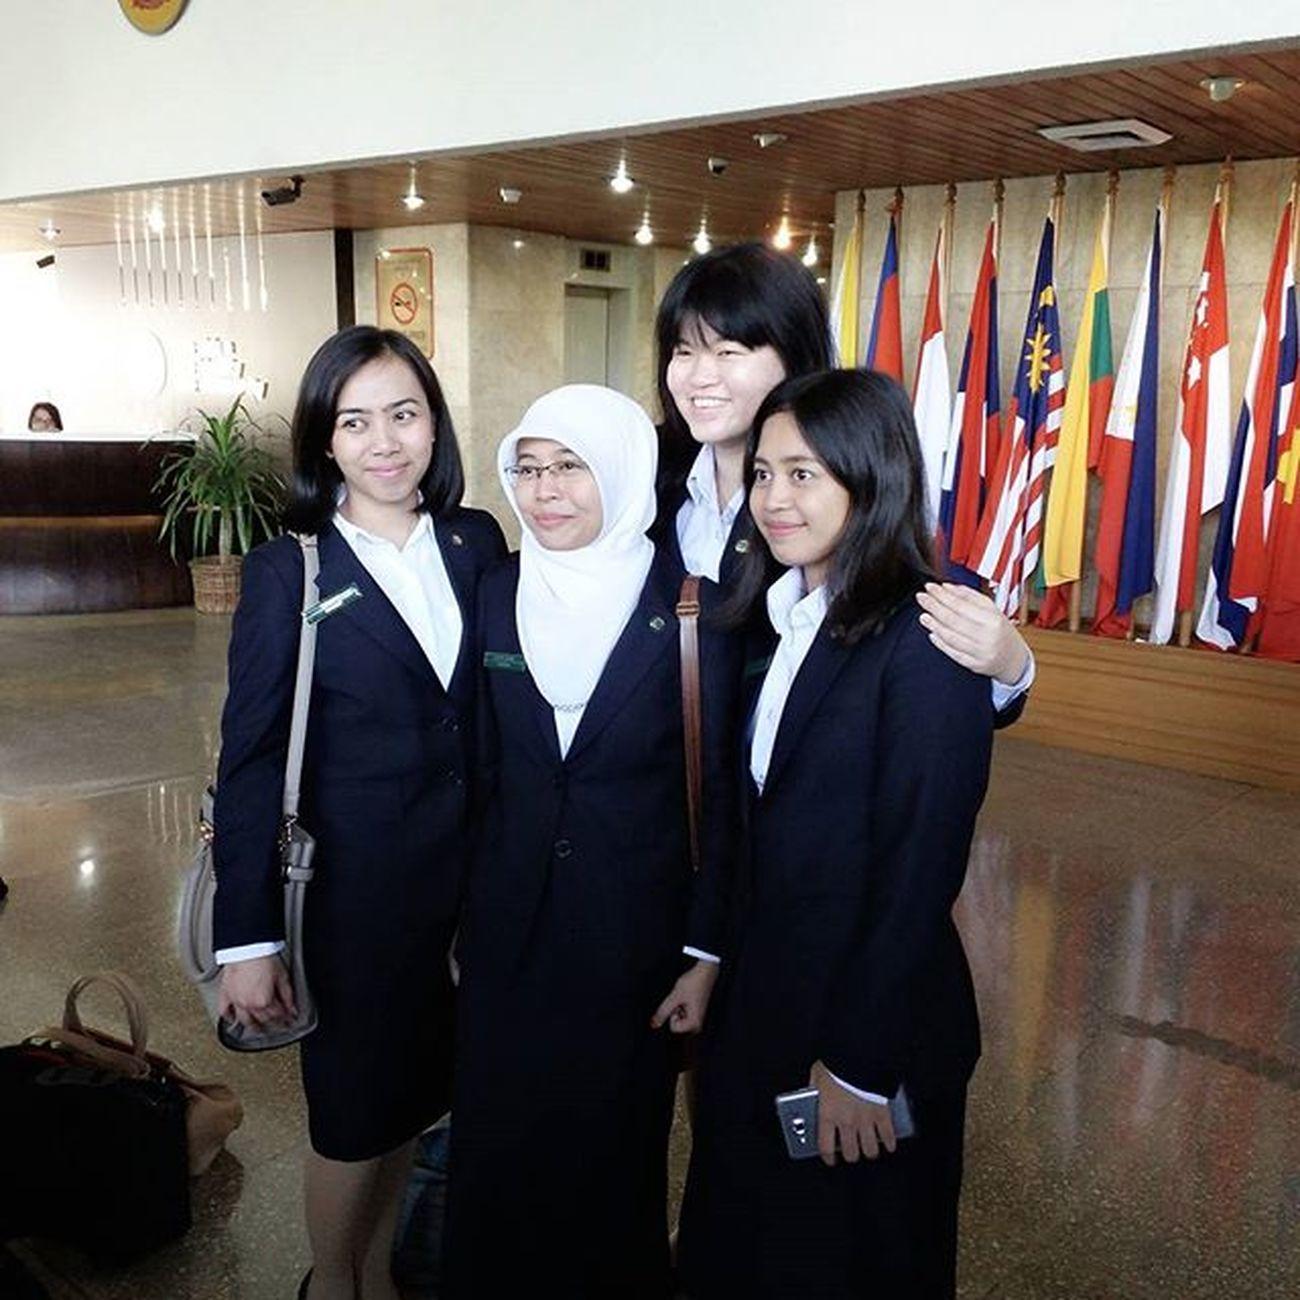 150803 - ASEAN Secretariat Ratih Izza Lisa Silvia Sekdilu39 ASEANSecretariat rizkytakki